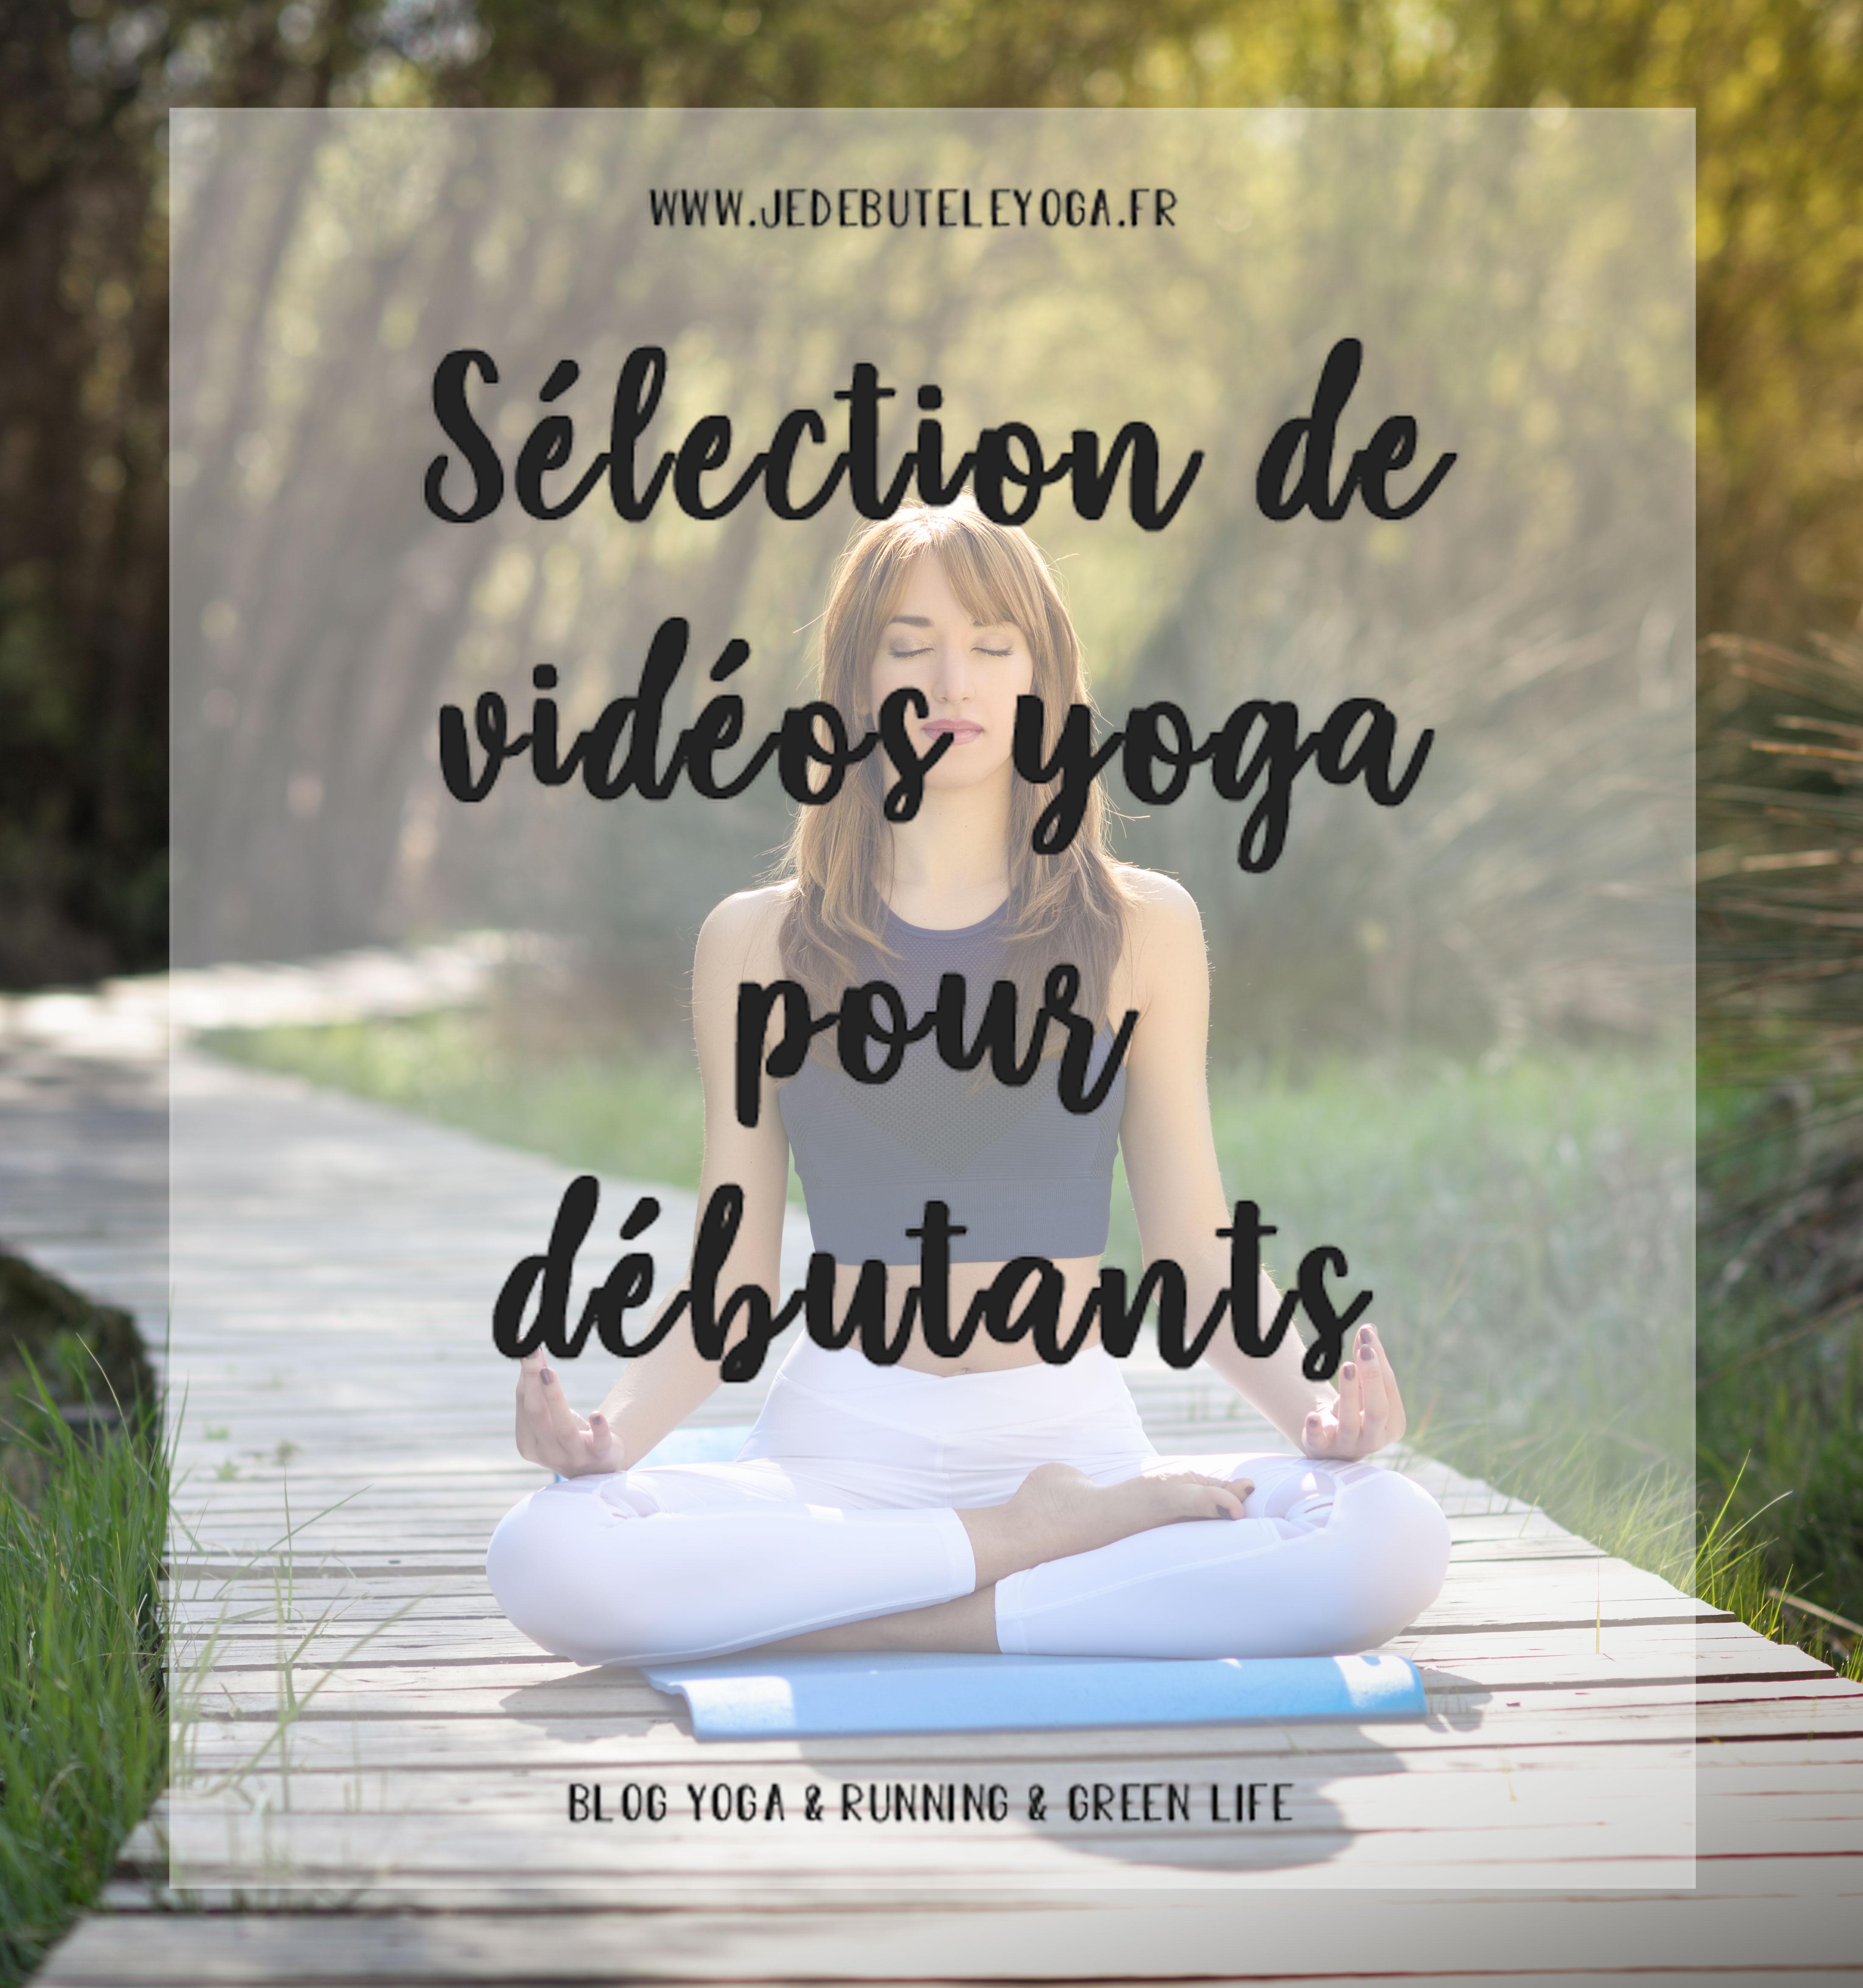 Sélection de videos yogas pour débutants